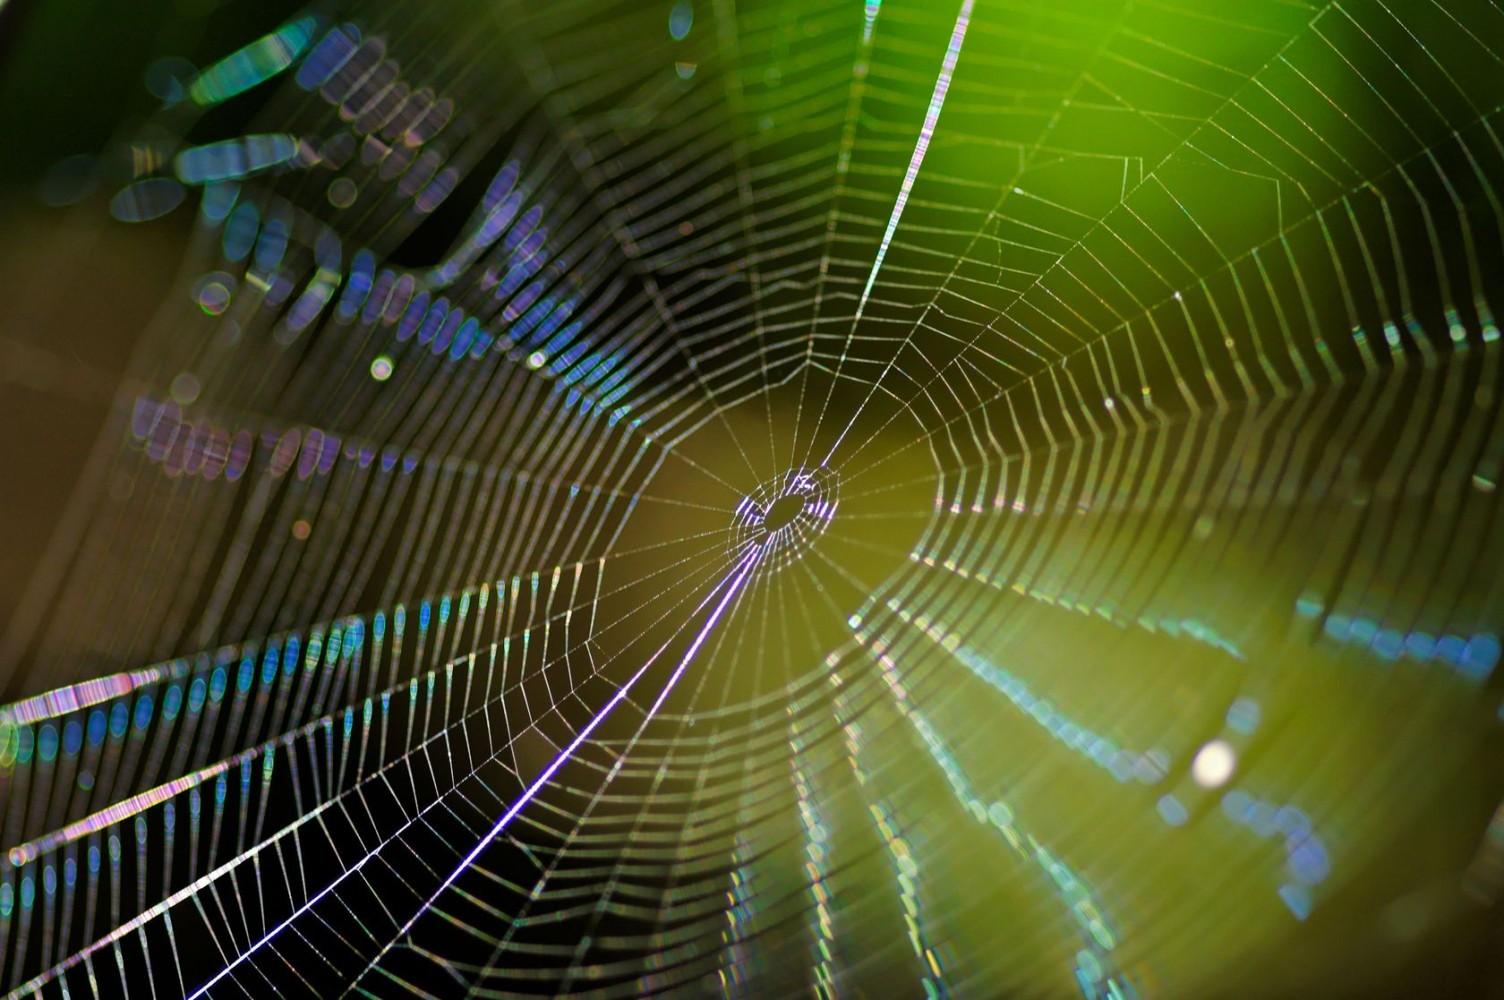 SpinnenwebLicht